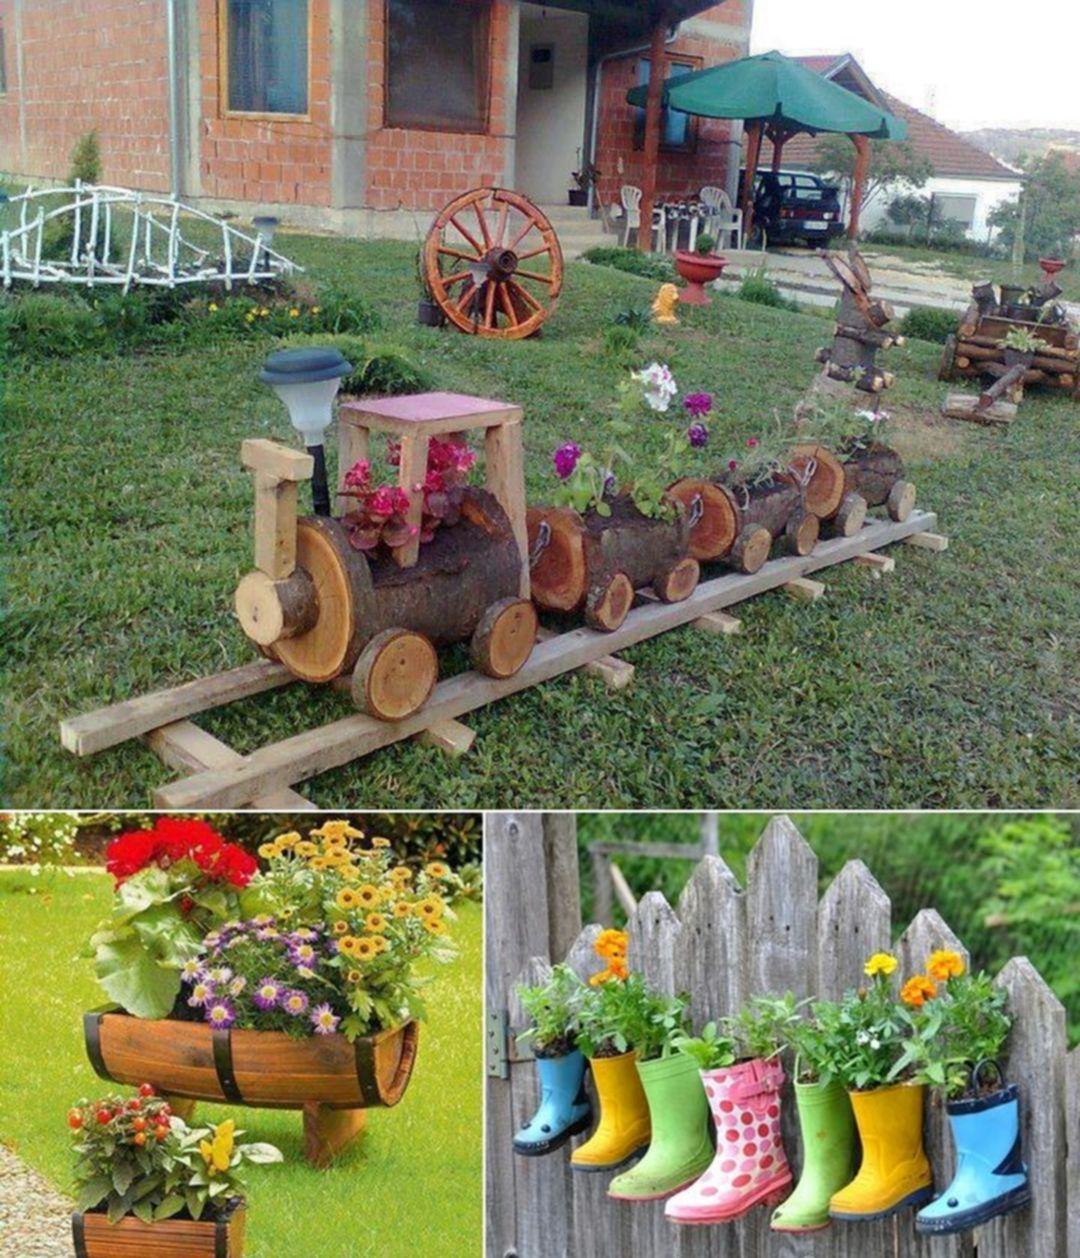 Épinglé Par France Morin Sur Horticulture | Déco Jardin ... intérieur Astuce Deco Jardin Recup